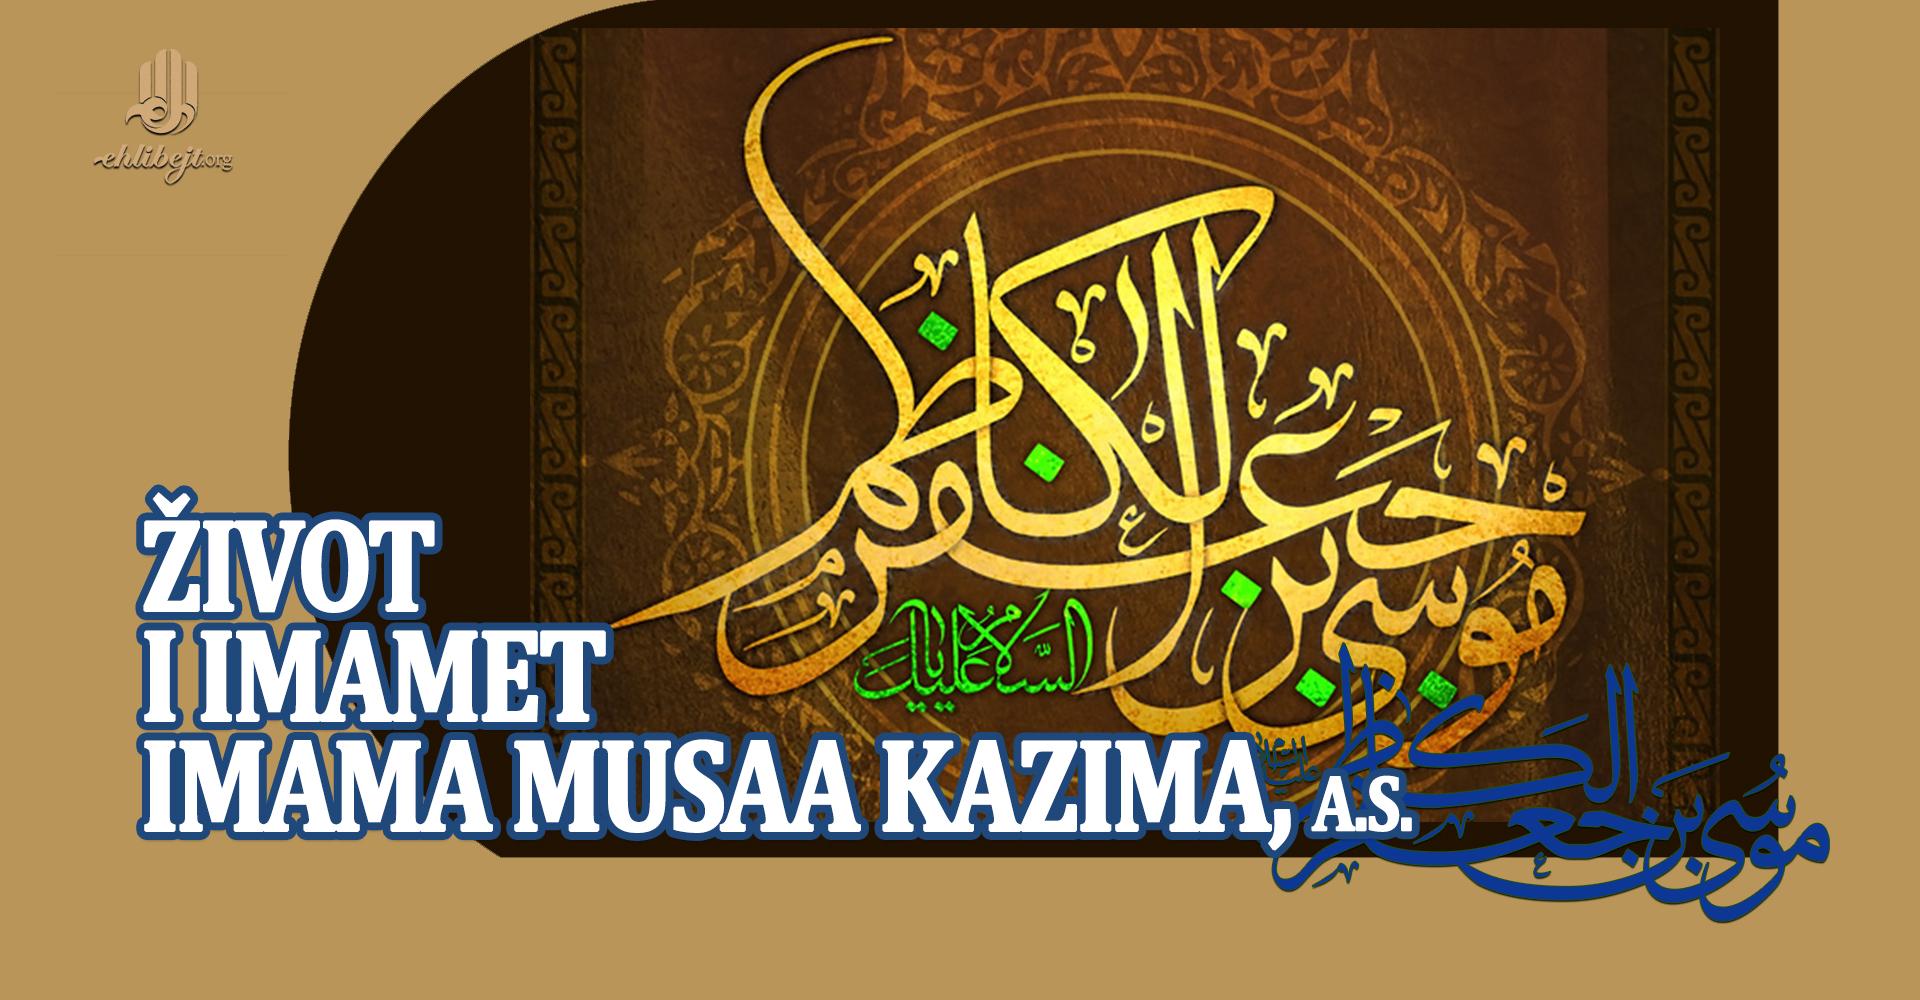 Život i imamet Imama Musaa Kazima, a.s.